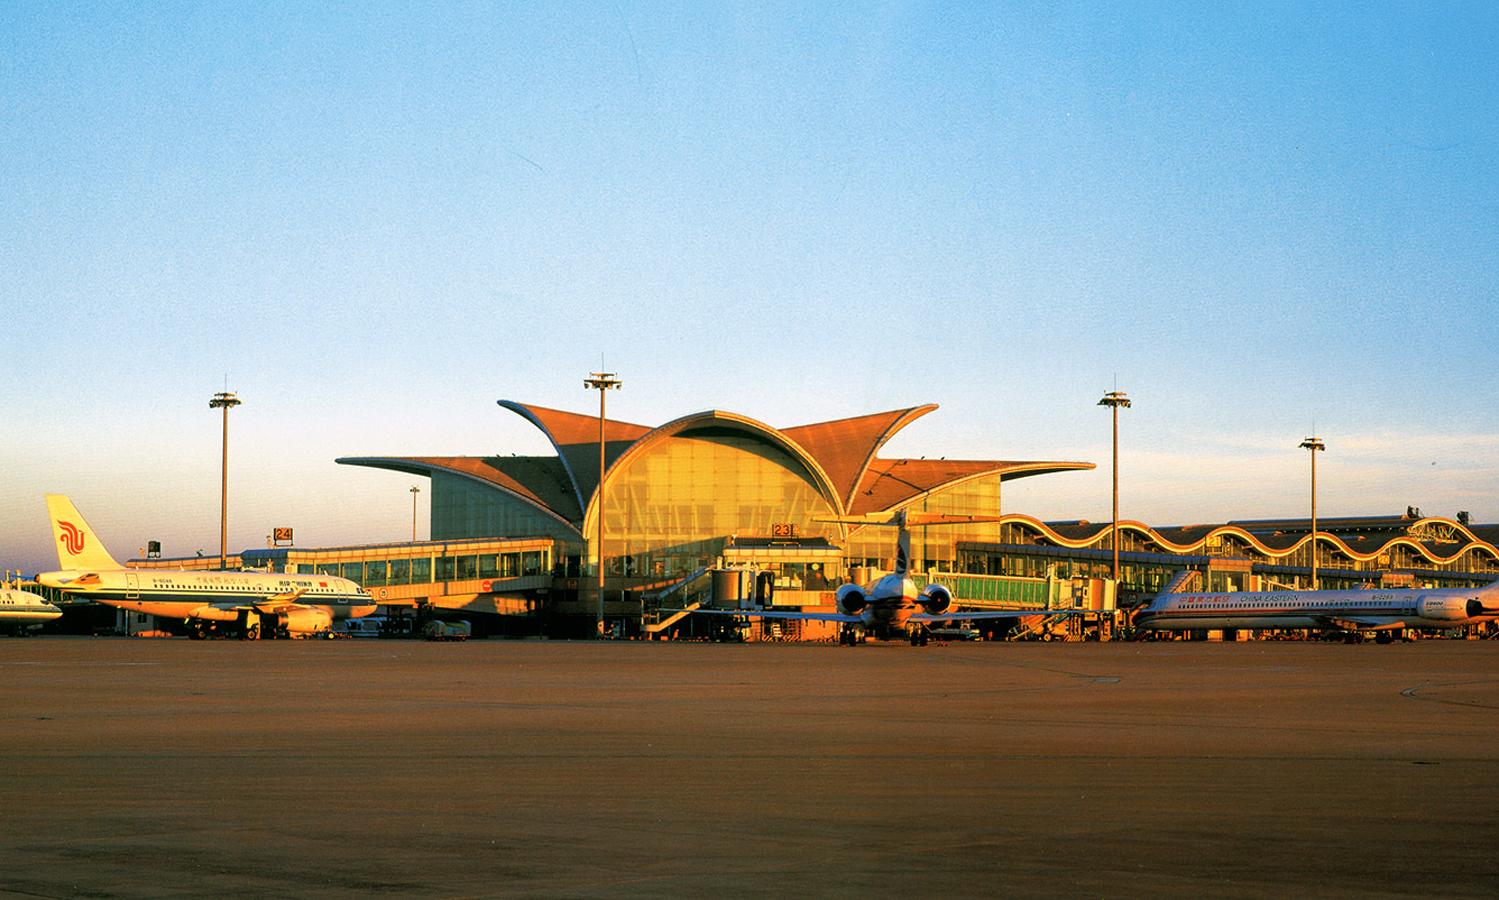 杭州萧山机场航站楼